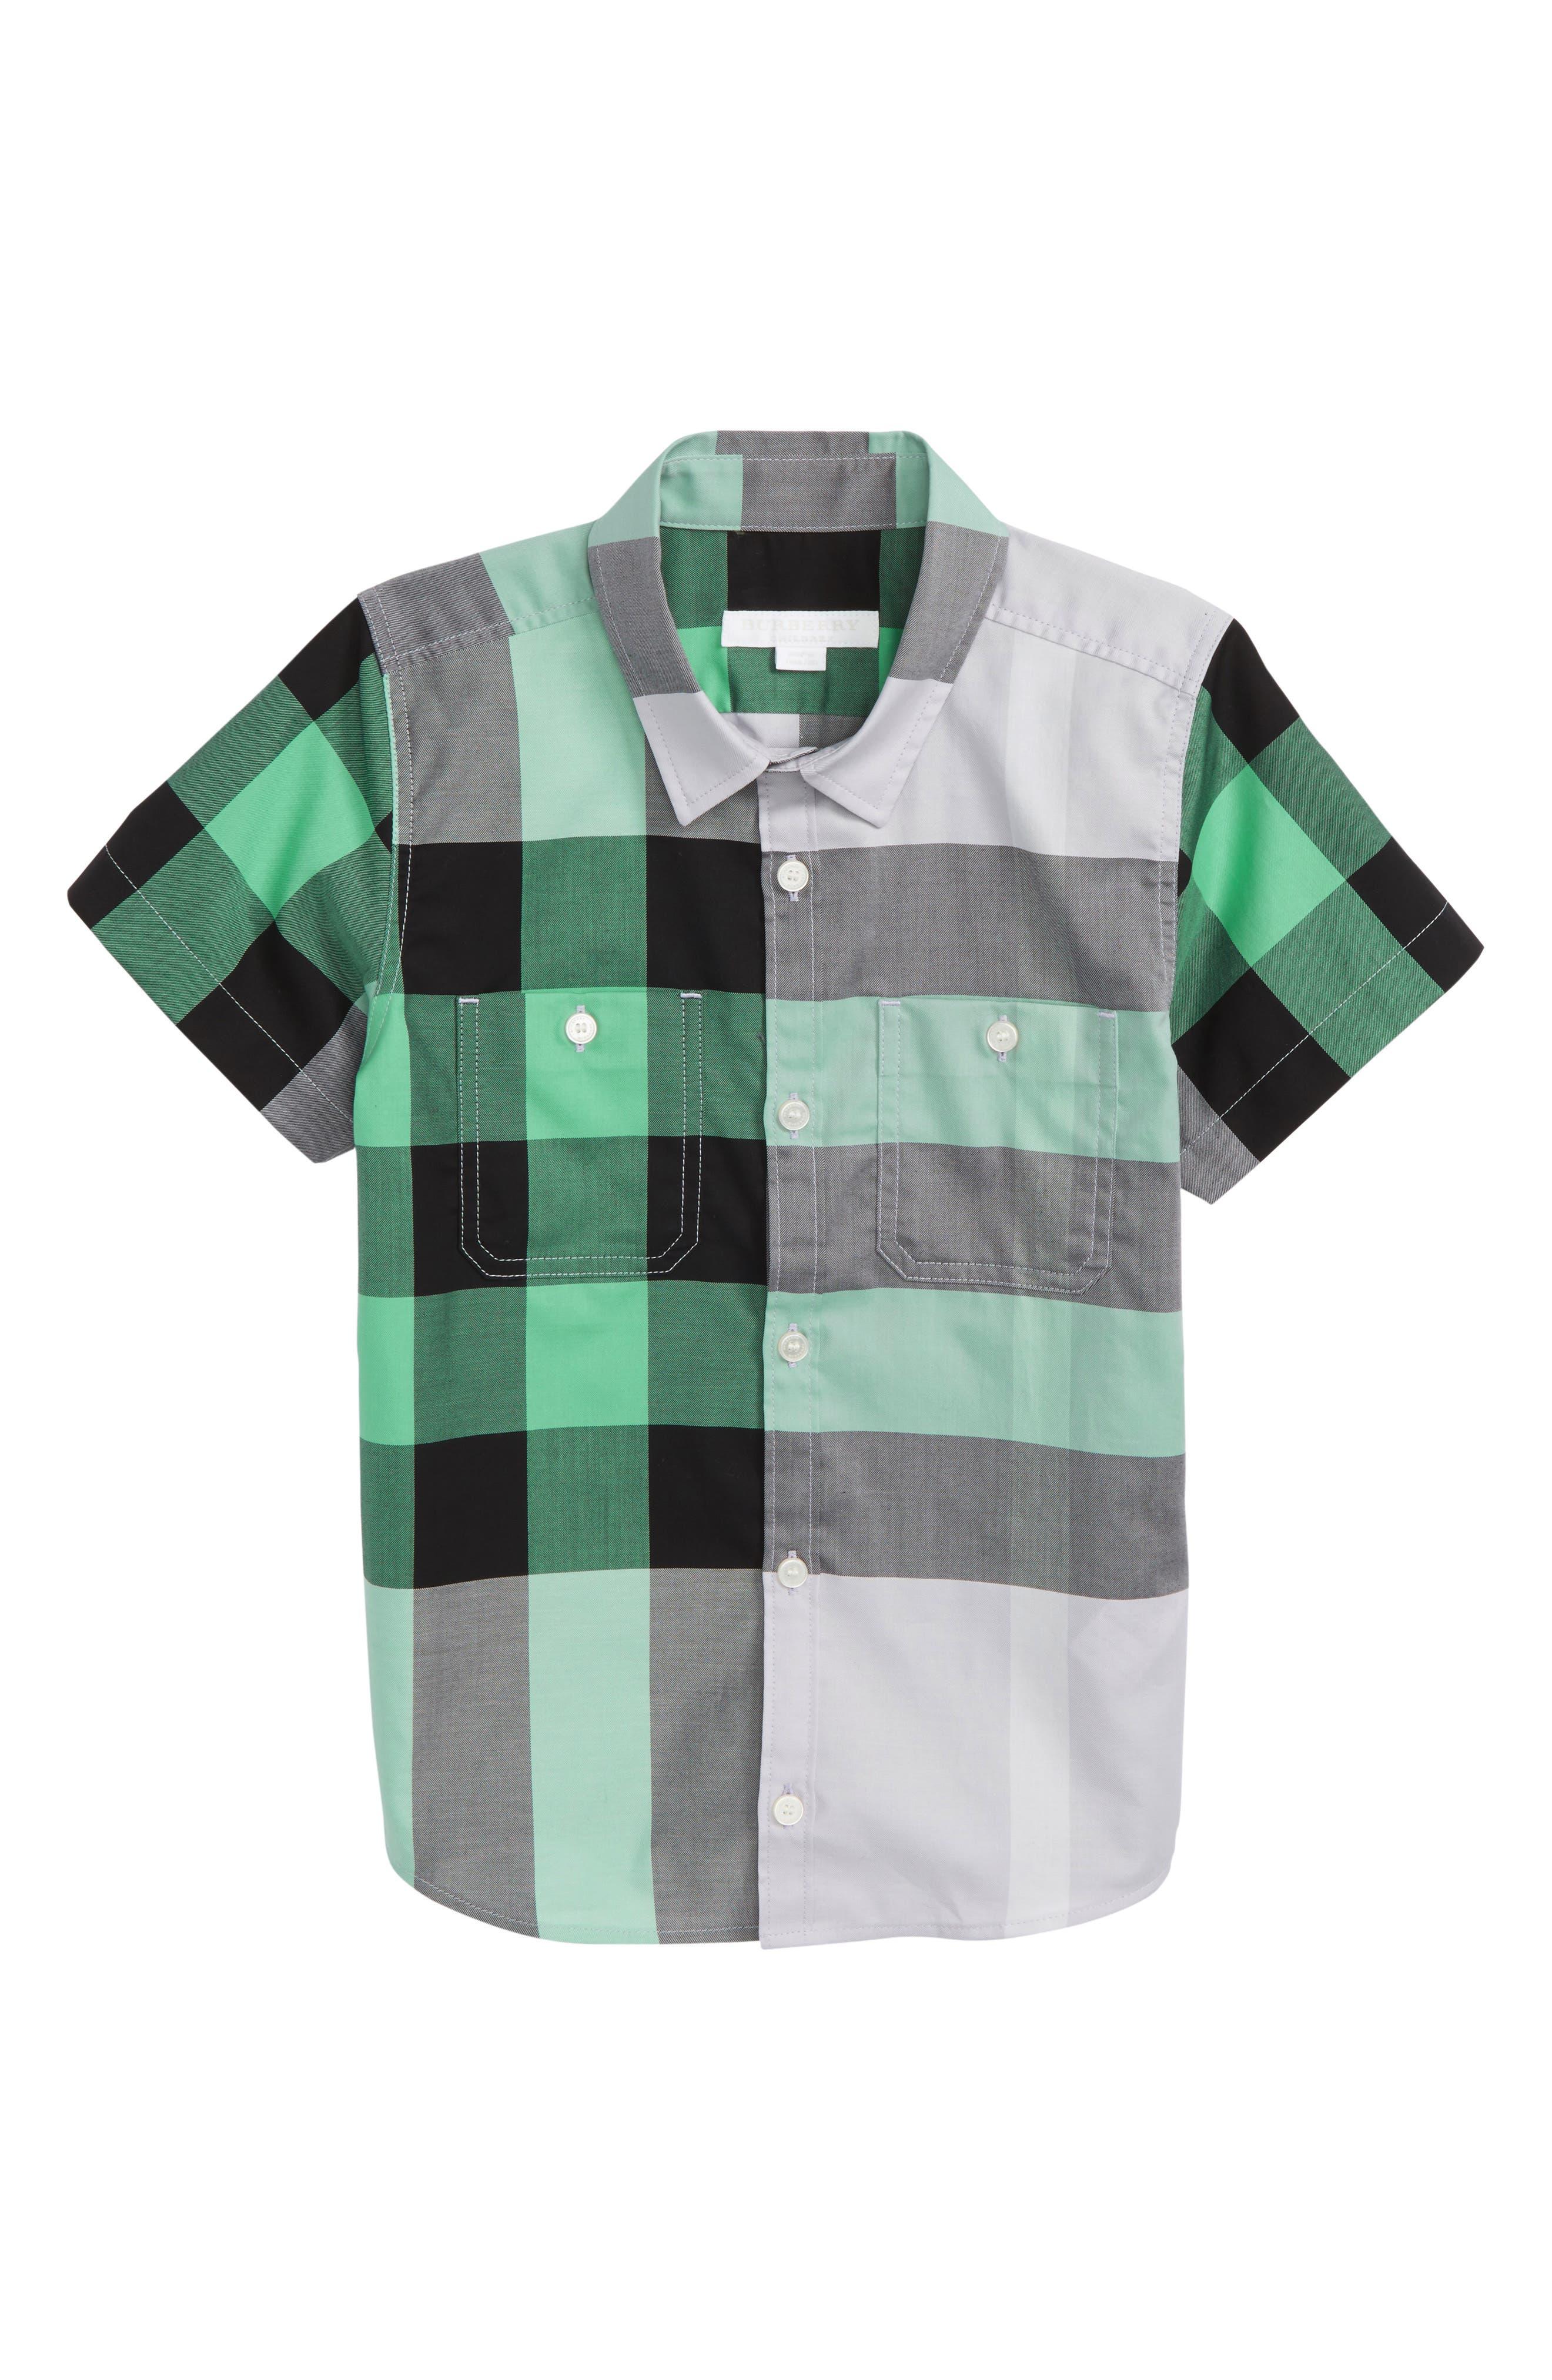 Camber Check Shirt,                             Main thumbnail 1, color,                             300